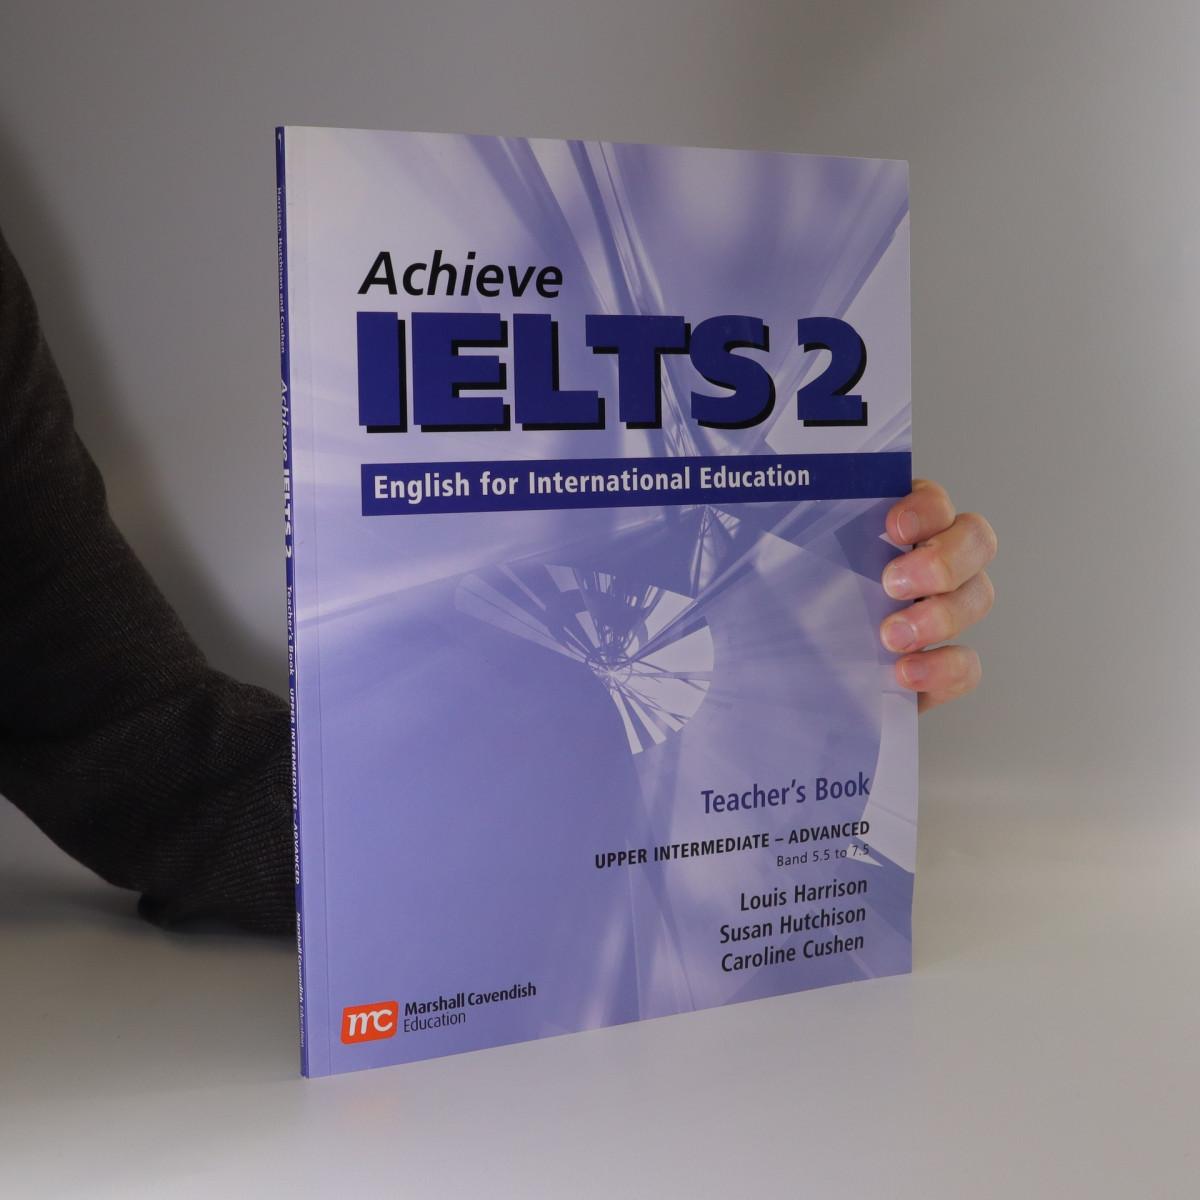 antikvární kniha Achieve IELTS 2, 2006